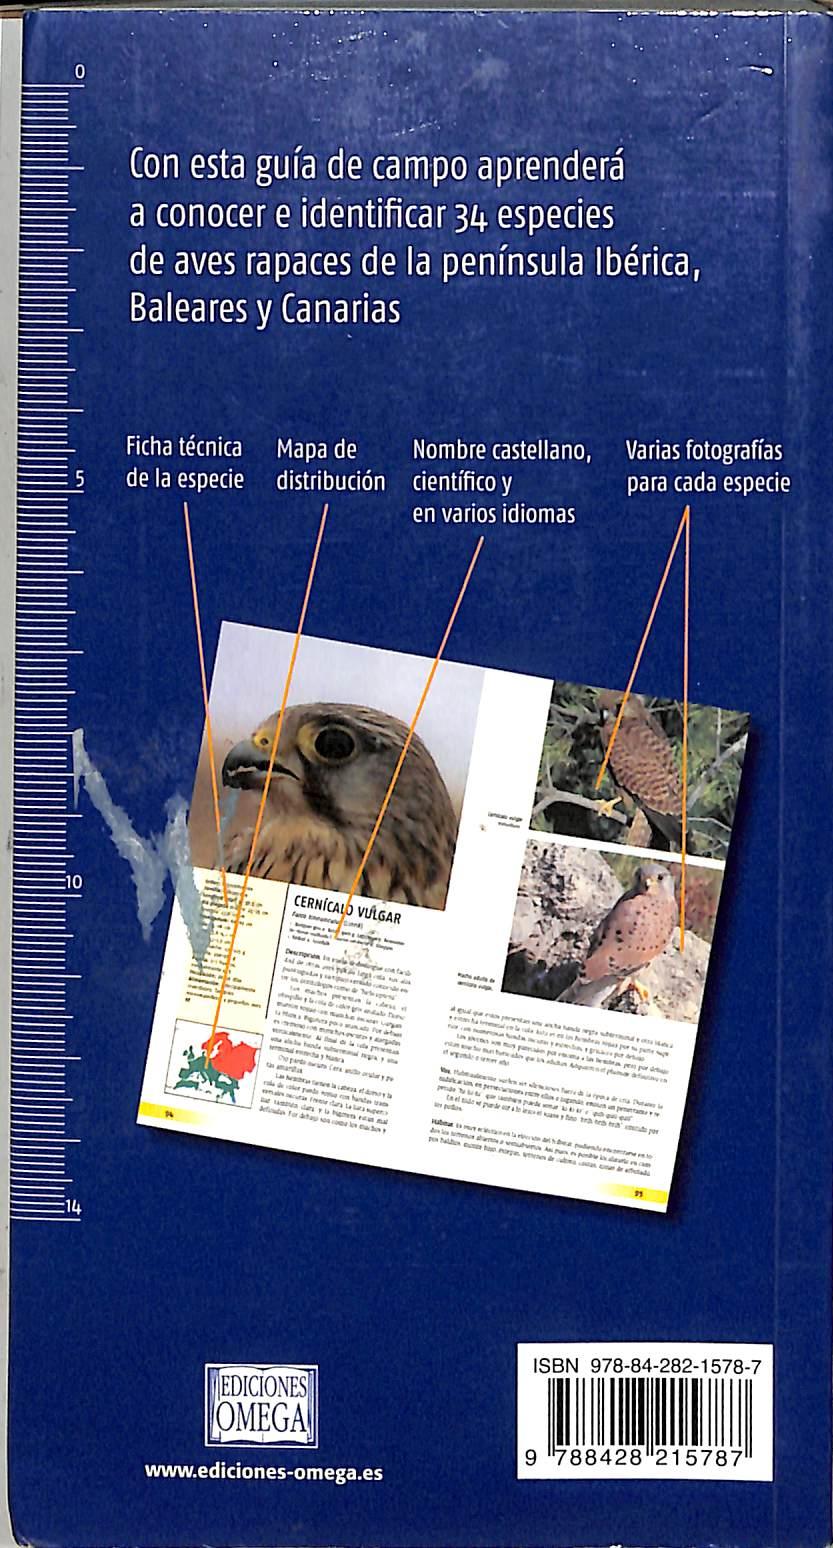 Aves Rapaces De La Península Ibérica, Baleares Y Canarias